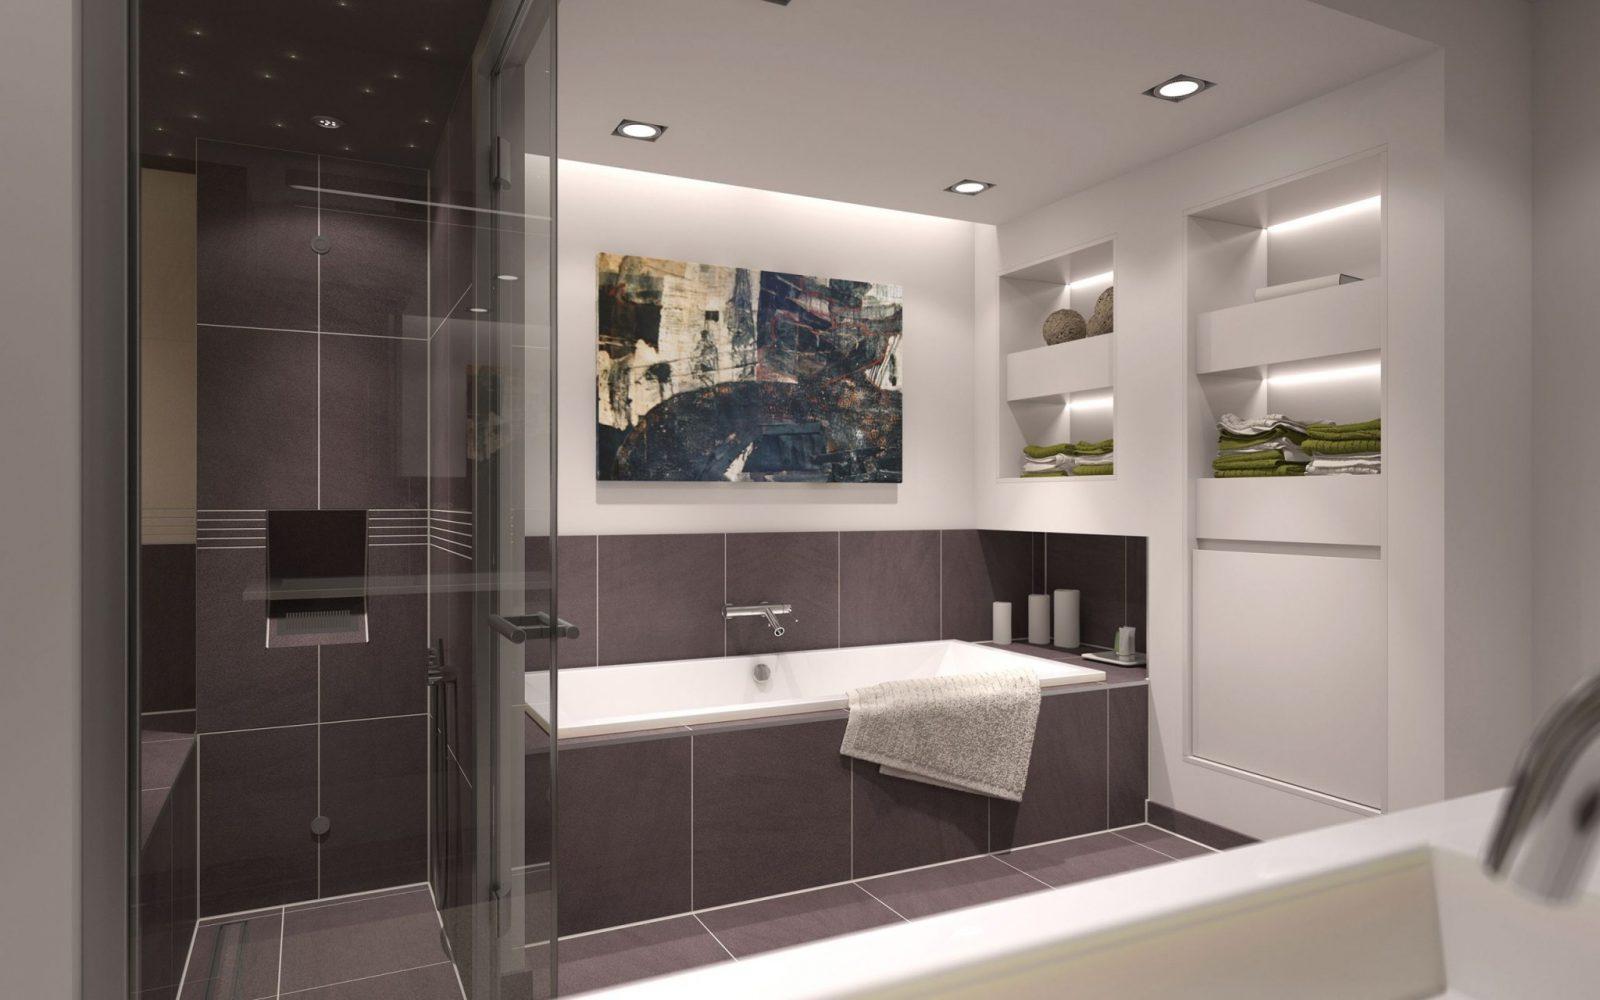 Badezimmer Beispiele 10 Qm  Beispielbilder Aus Unserer 3 D von Badezimmer Beispiele 10 Qm Bild